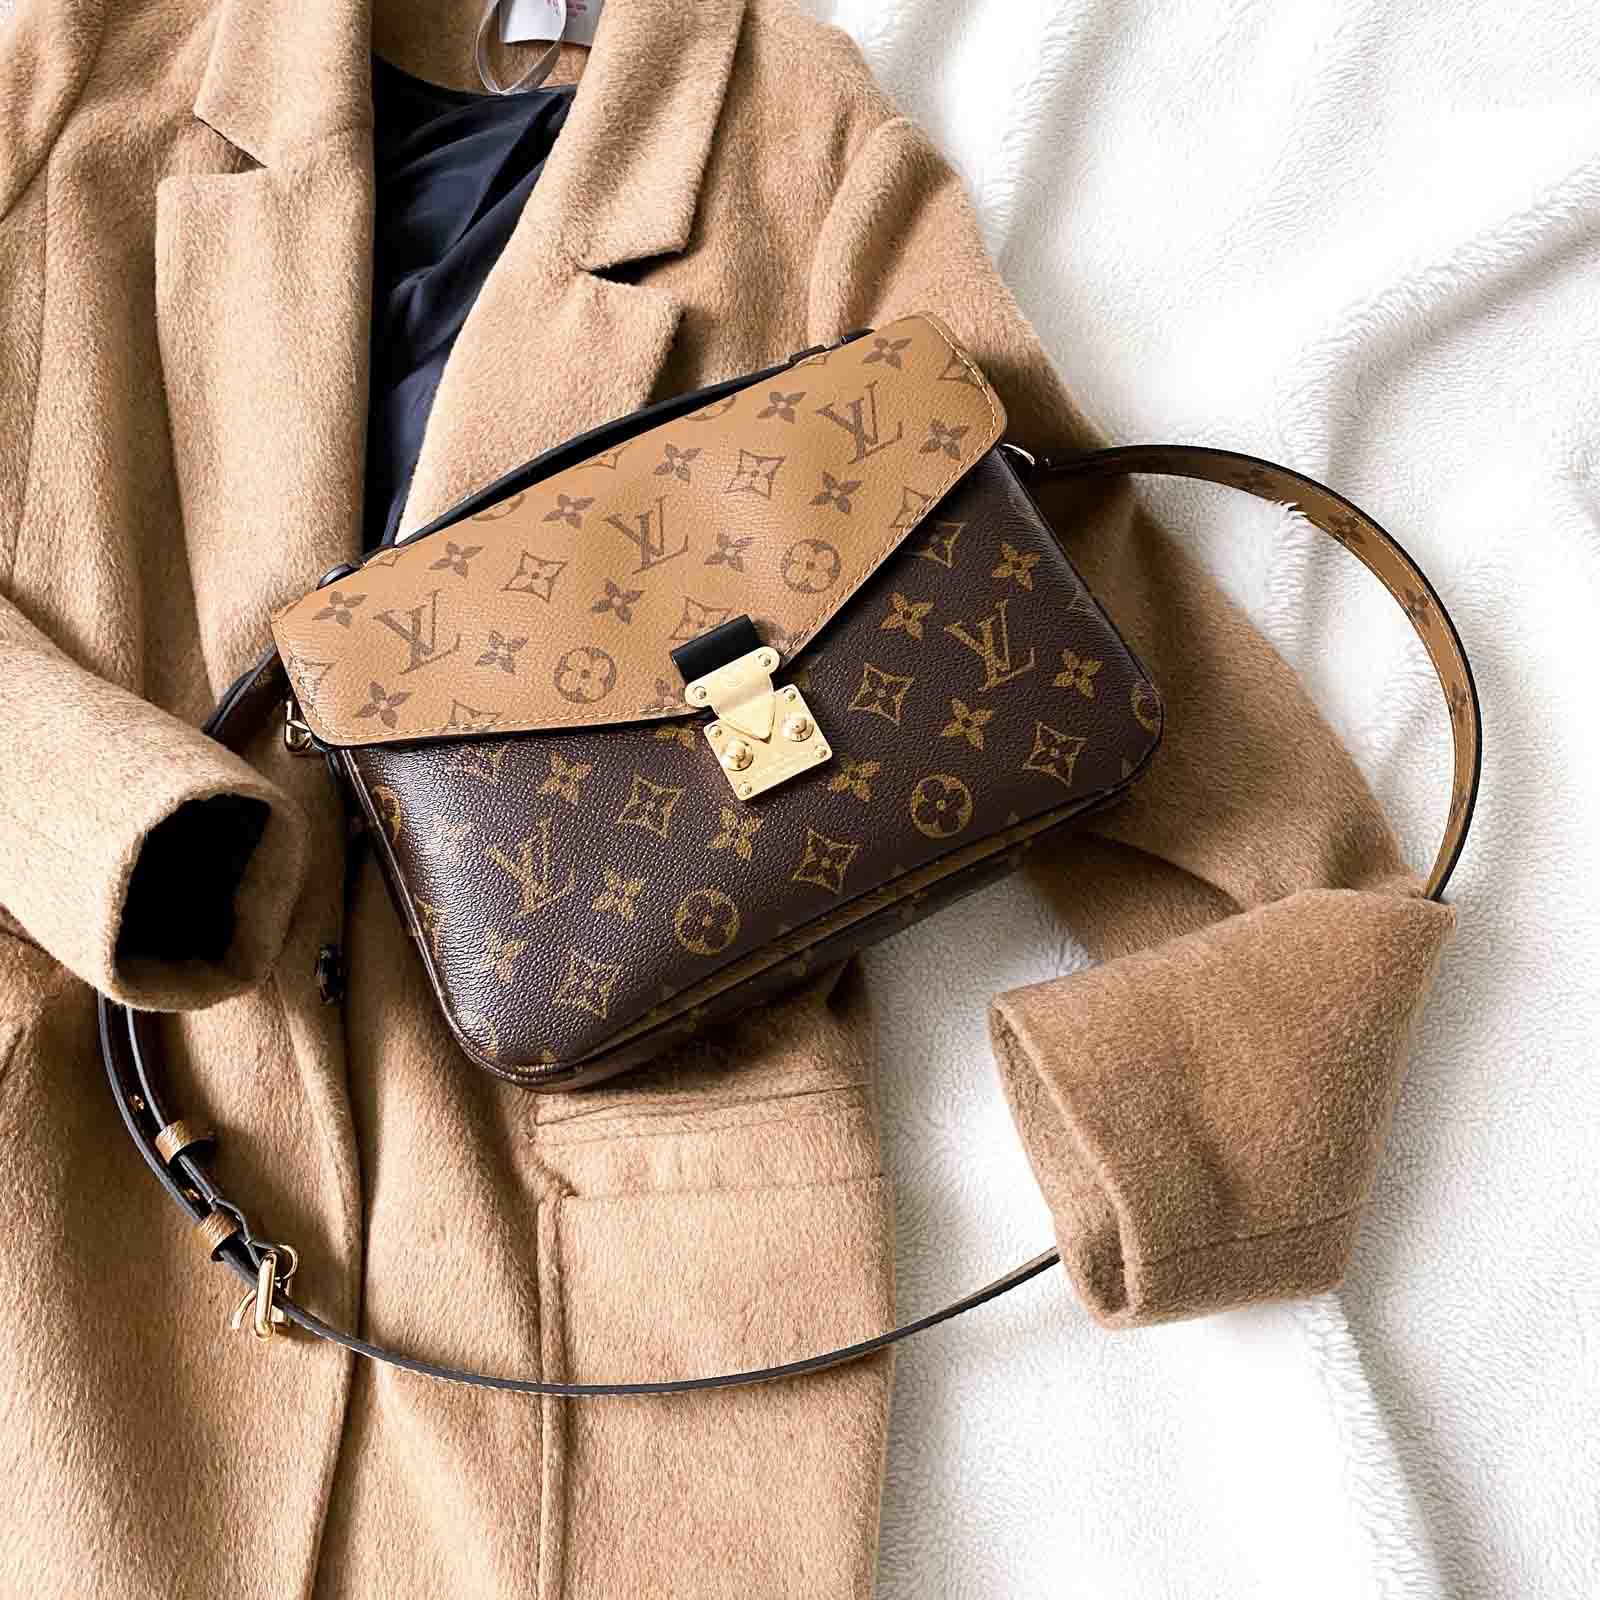 Louis-vuitton-pochette-metis-reverse-canvas-designer-bag-review